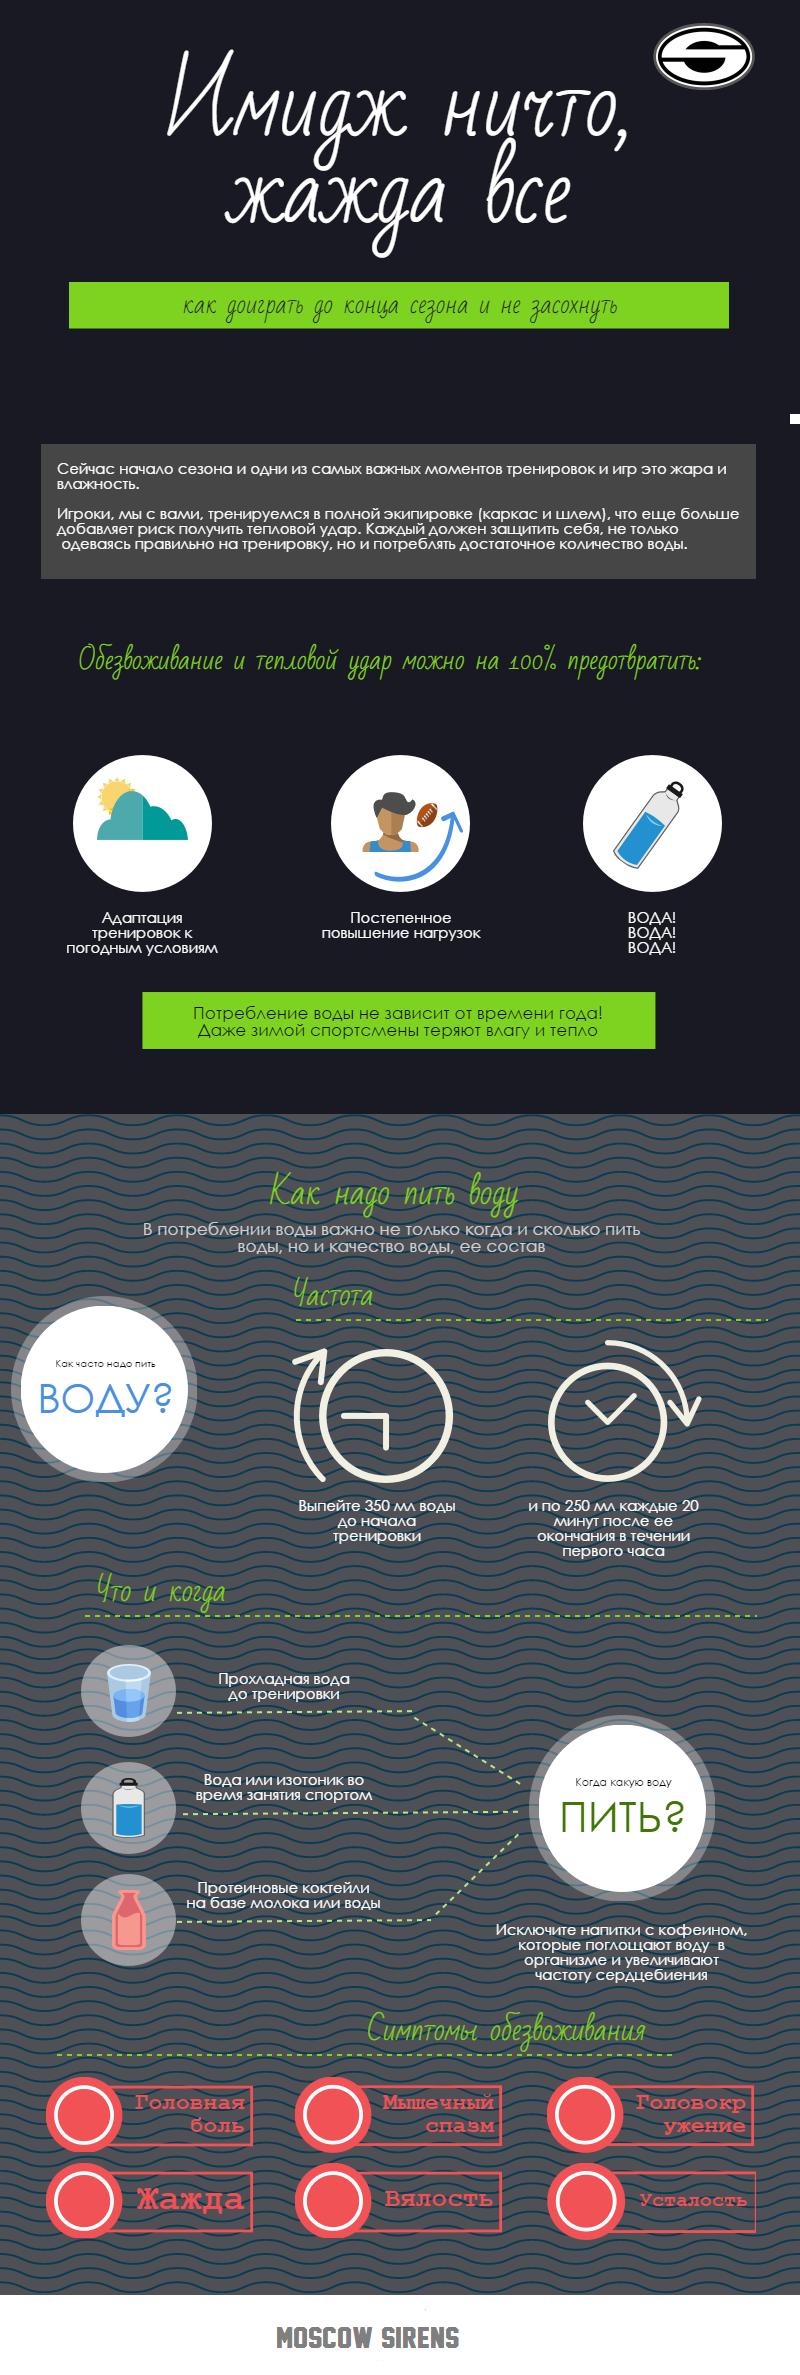 информация о воде для спортсмена, признаки обезвоживания